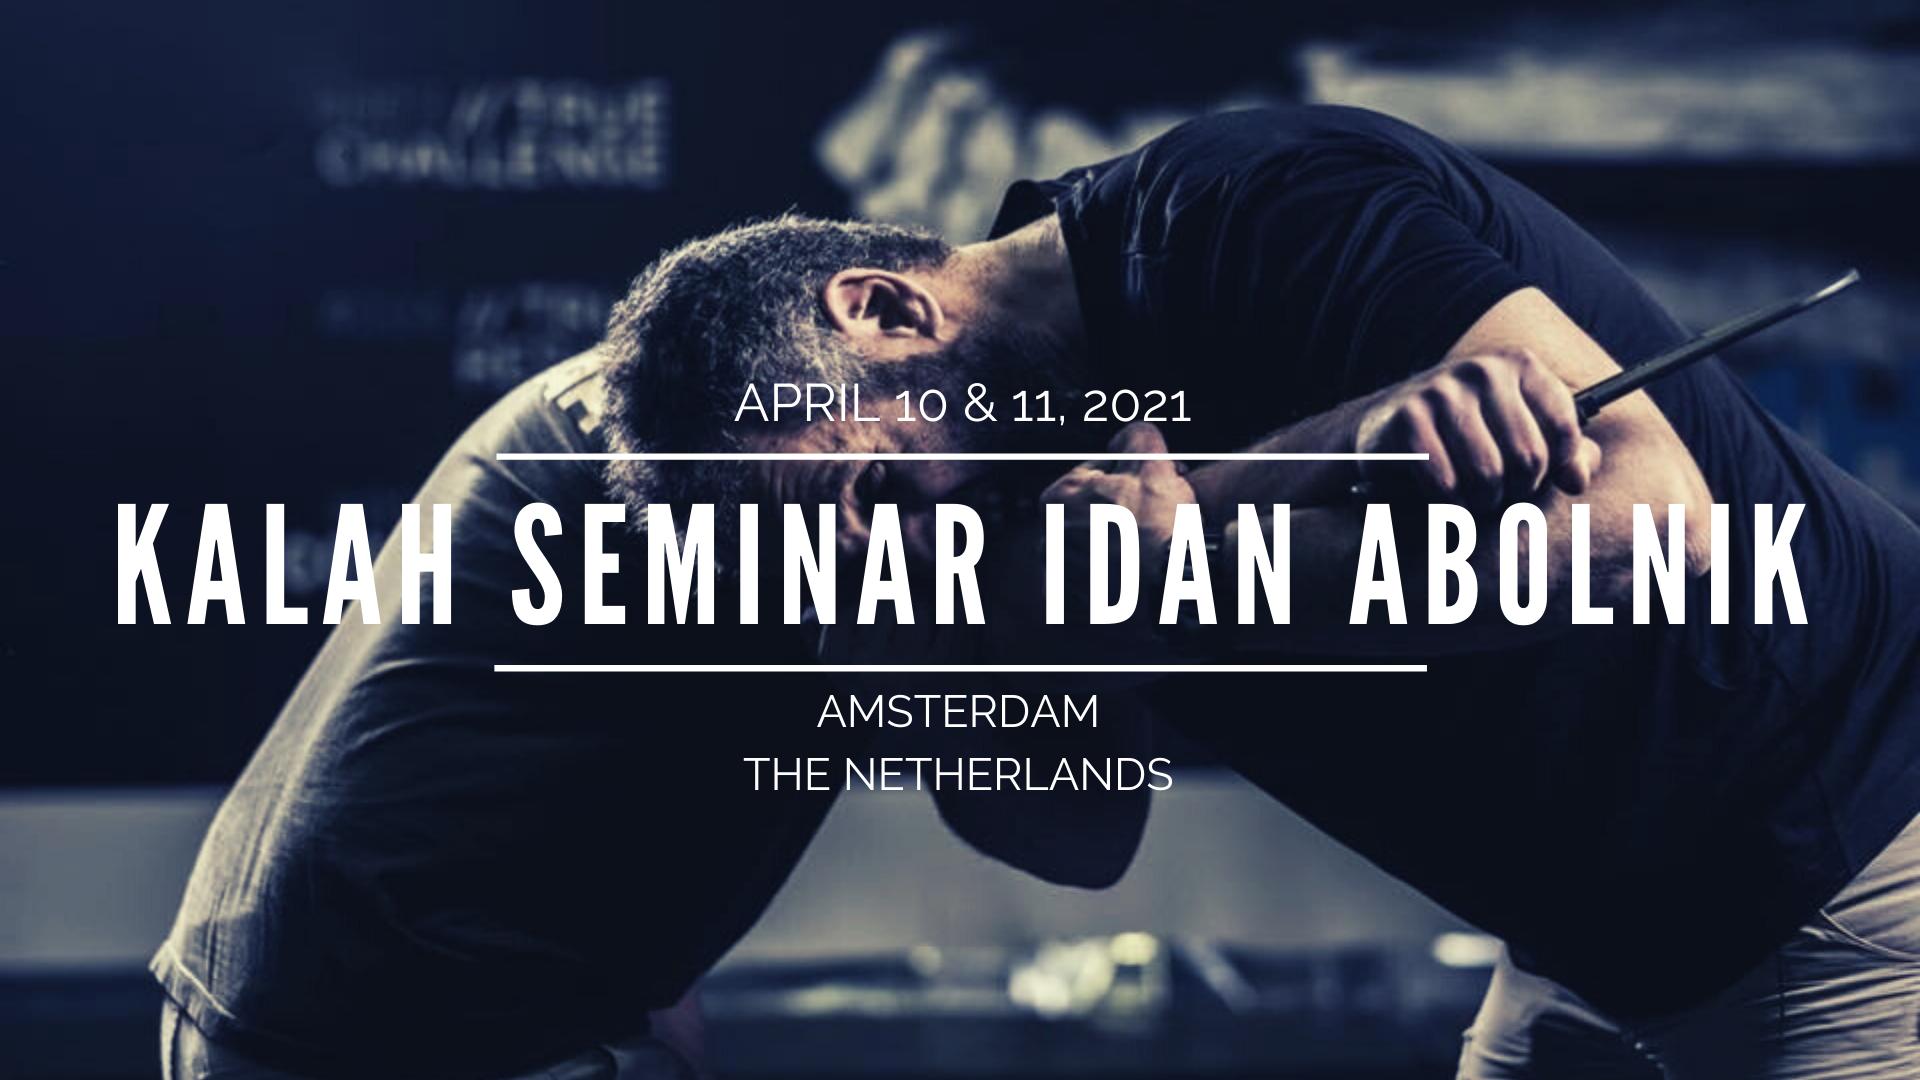 Kalah Seminar Idan Abolnik 10-11 april 2021 Amsterdam